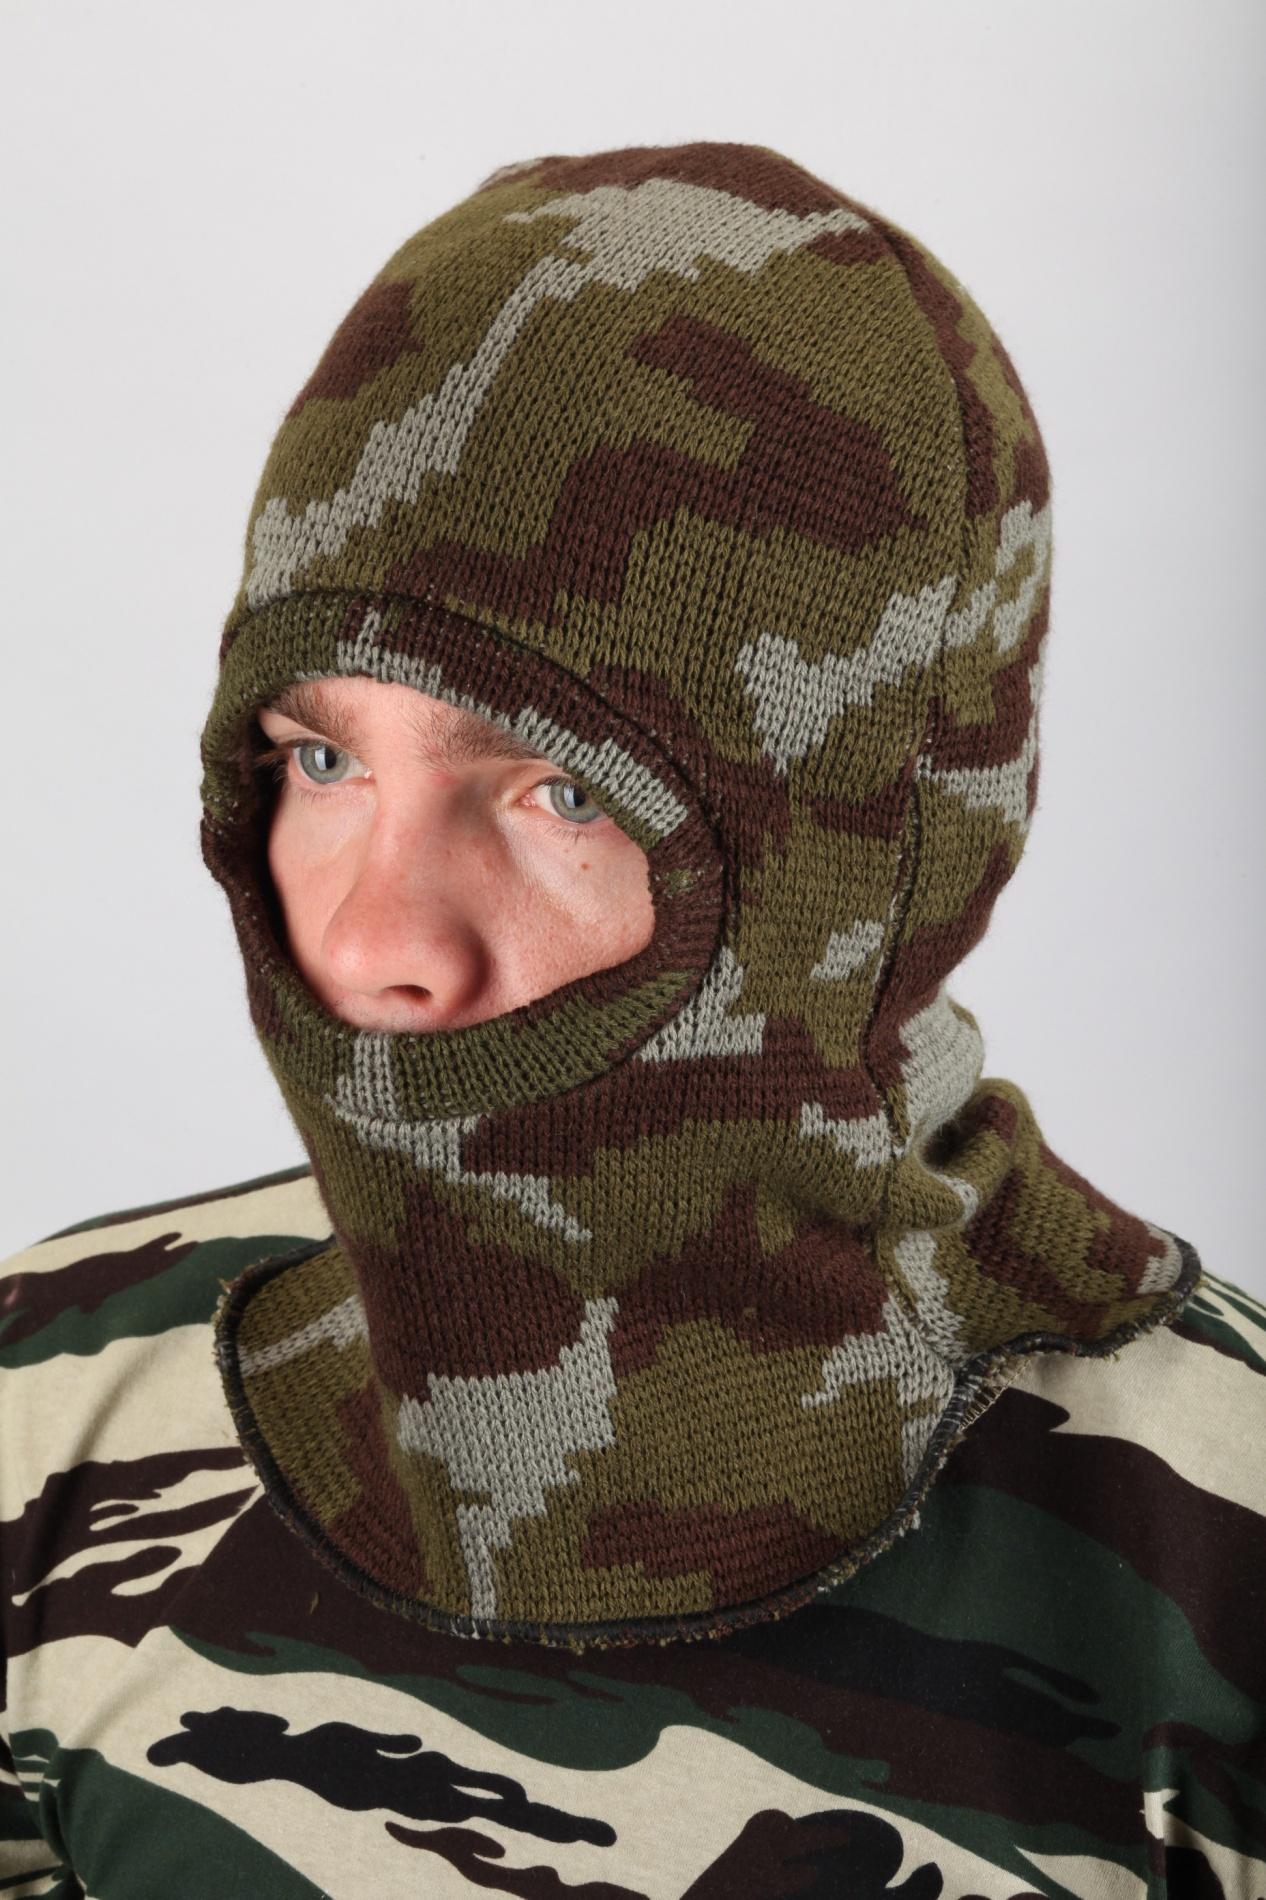 Балаклава трикотажная КМФ лесБалаклавы, маски<br>Подшлемник предназначен для защиты от <br>пониженных температур и механических воздействий, <br>одевается под защитную каску или без неё.<br><br>Сезон: зима<br>Материал: Трикотаж (90% акрил, 10% шерсть)